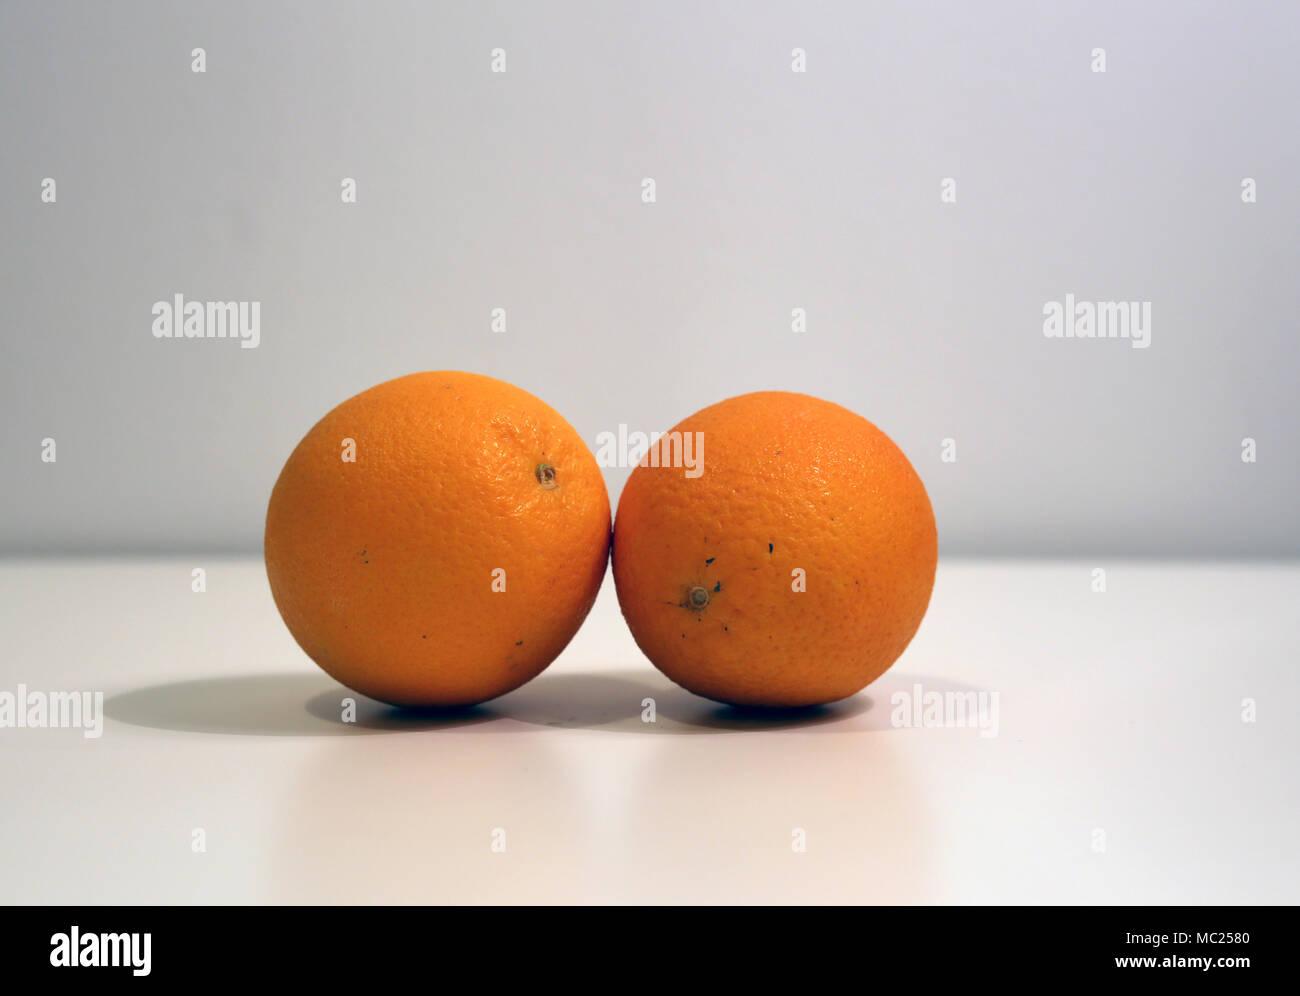 Zwei Orangen auf dem Tisch aneinander gelehnt. Einfache und schöne Frucht leben noch mit weißen/grauen Hintergrund. Stockbild